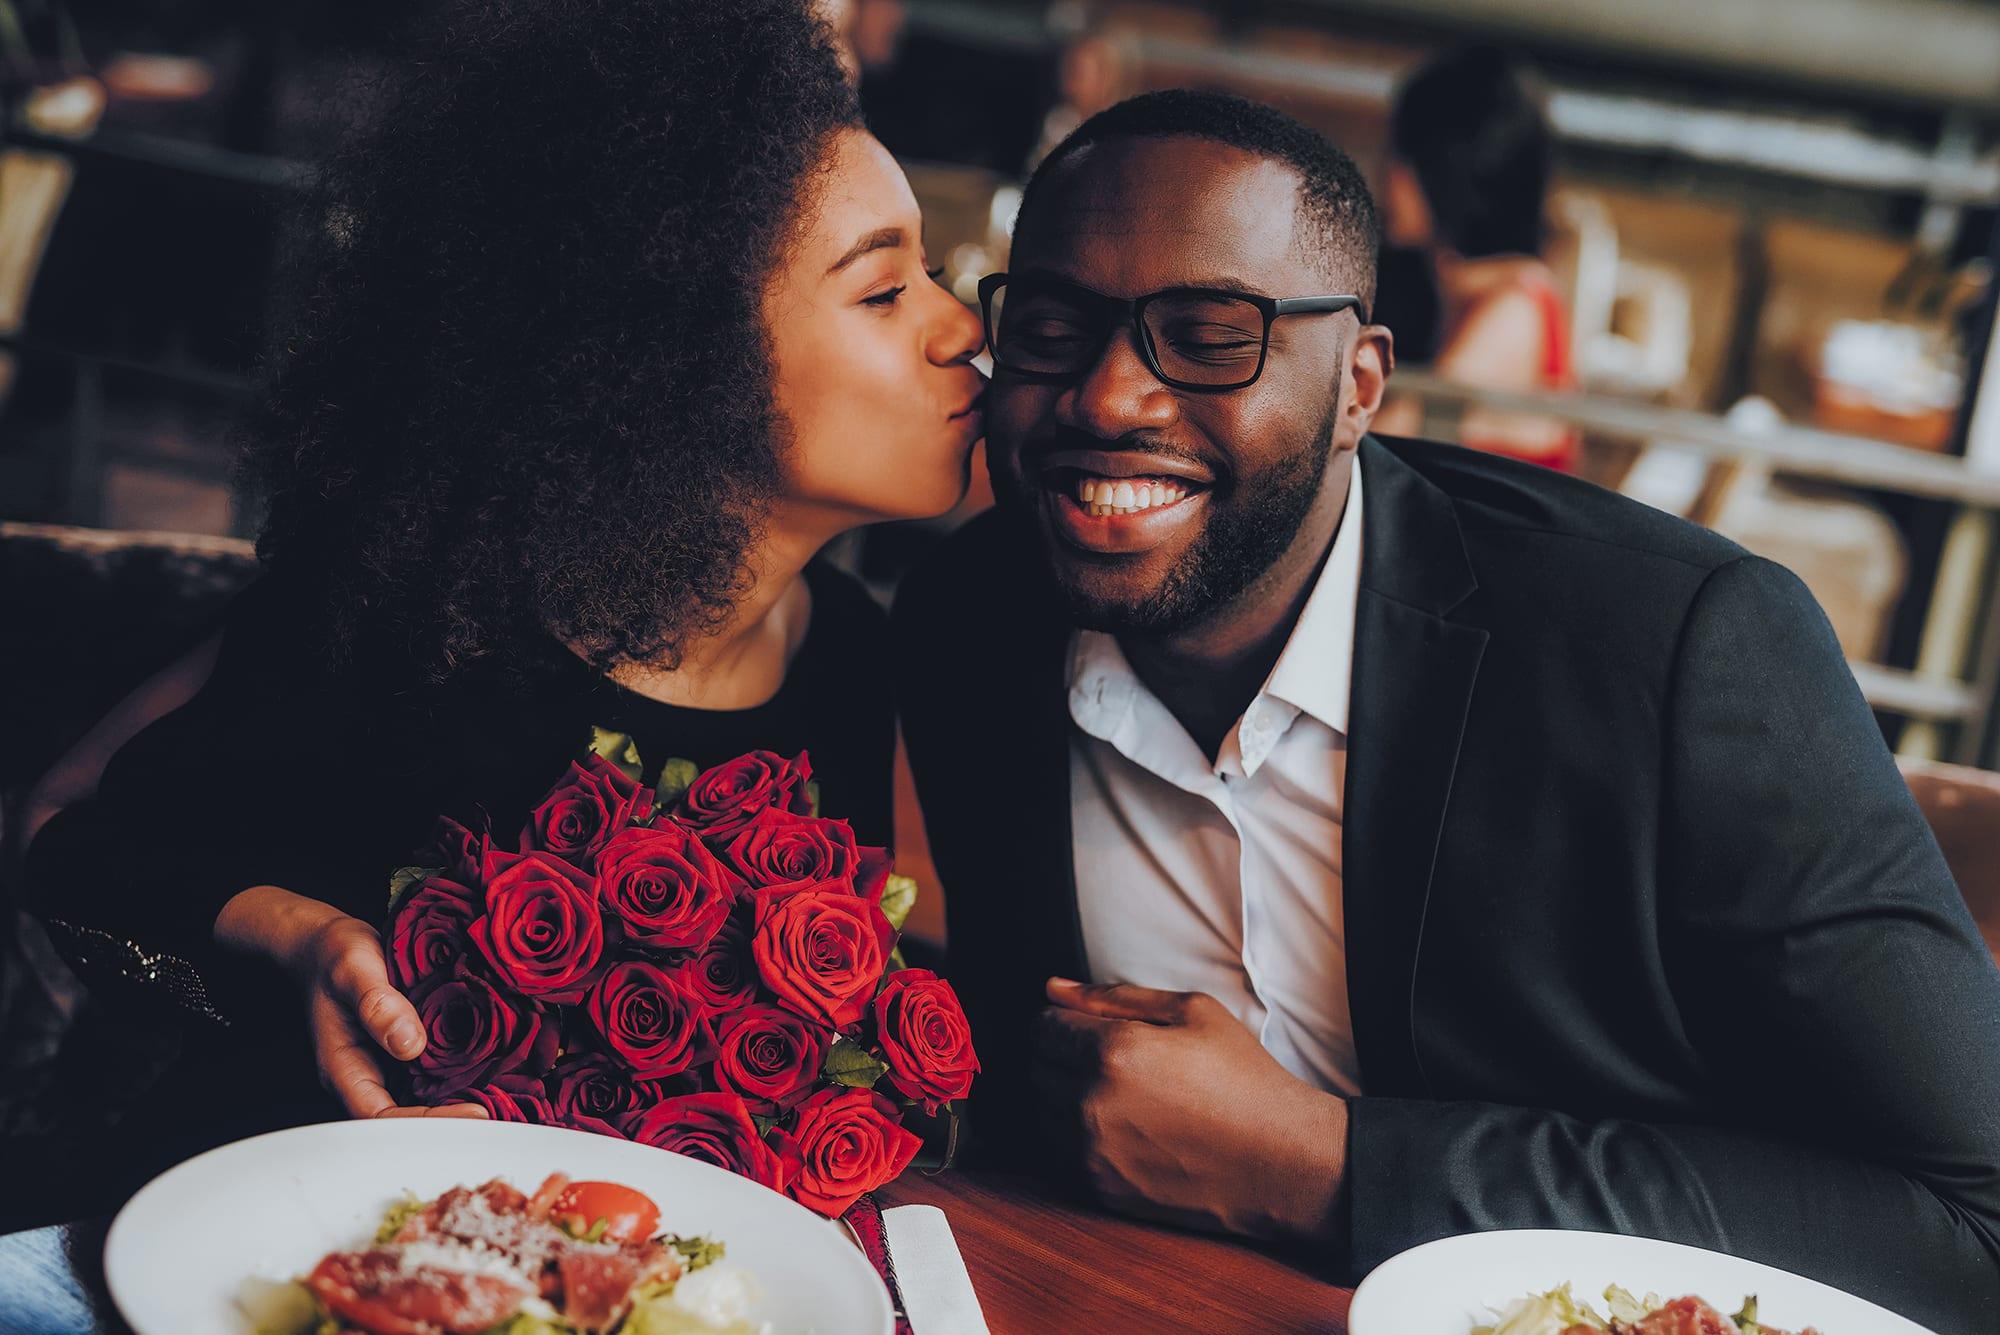 Pourquoi Tu Devrais Sortir Avec Quelqu'un Qui Ne T'attire Pas Au Moins 1 Fois Dans Ta Vie